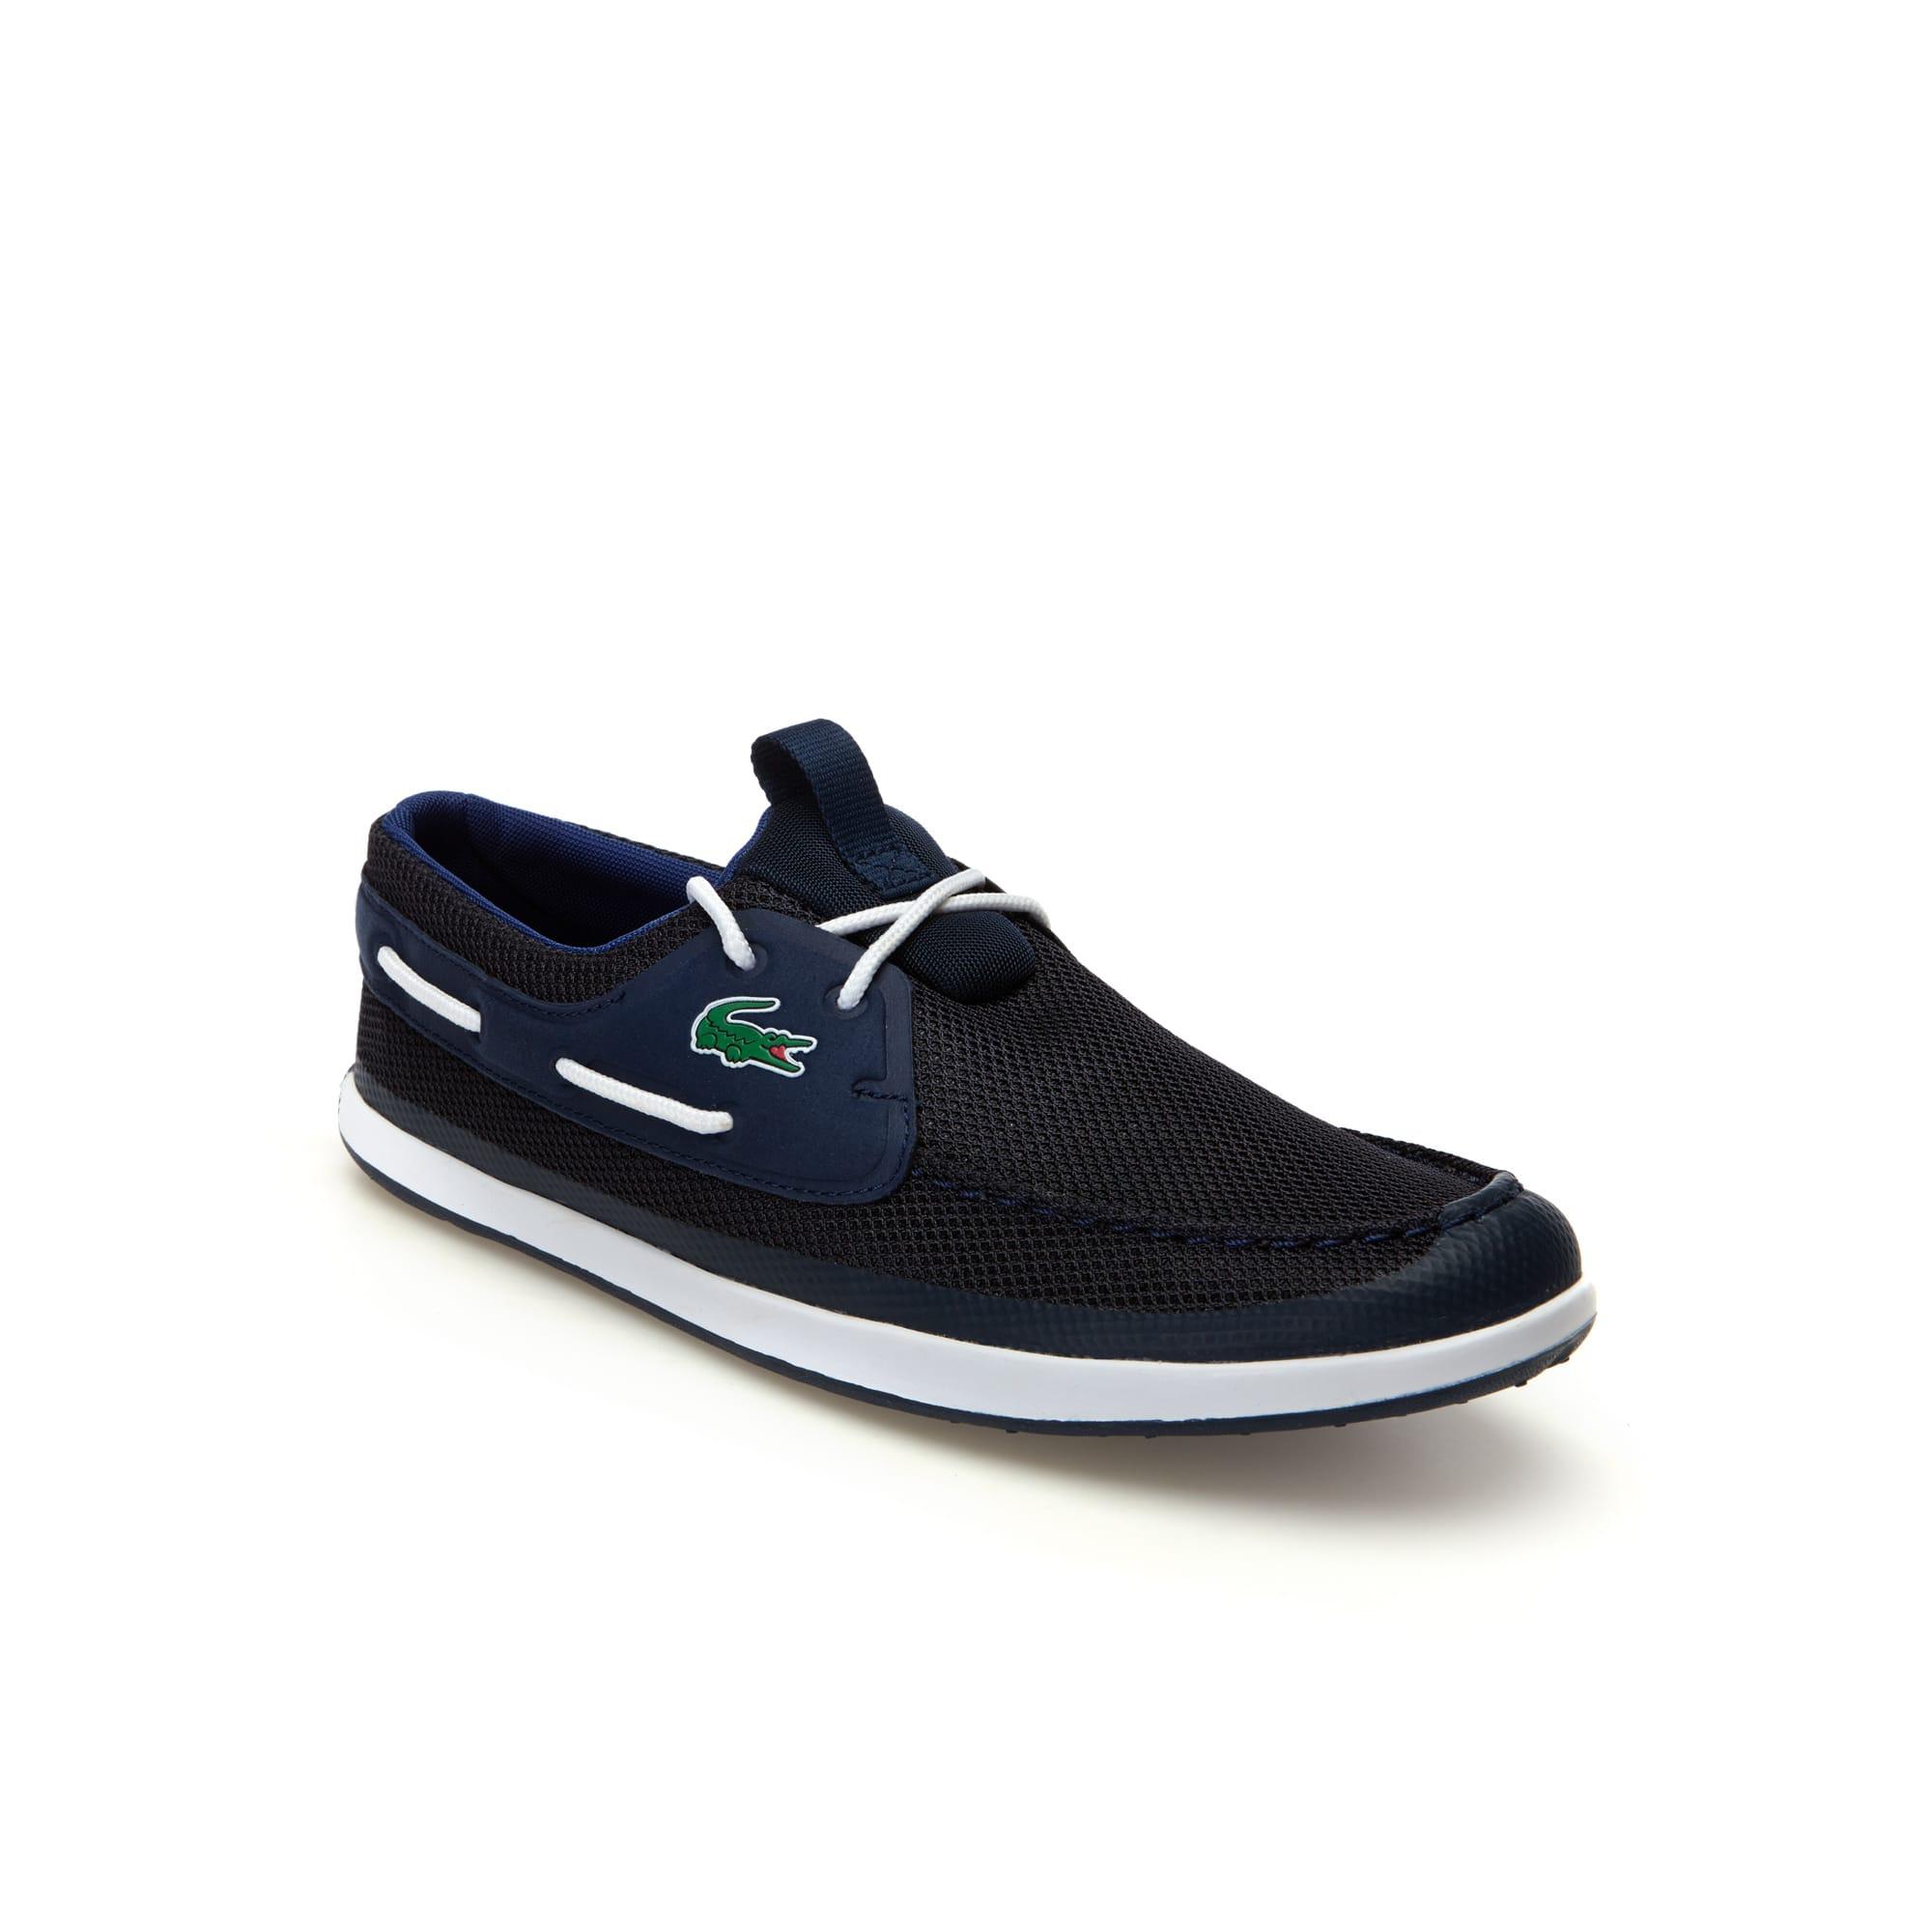 Chaussures bateau L.andsailing en textile